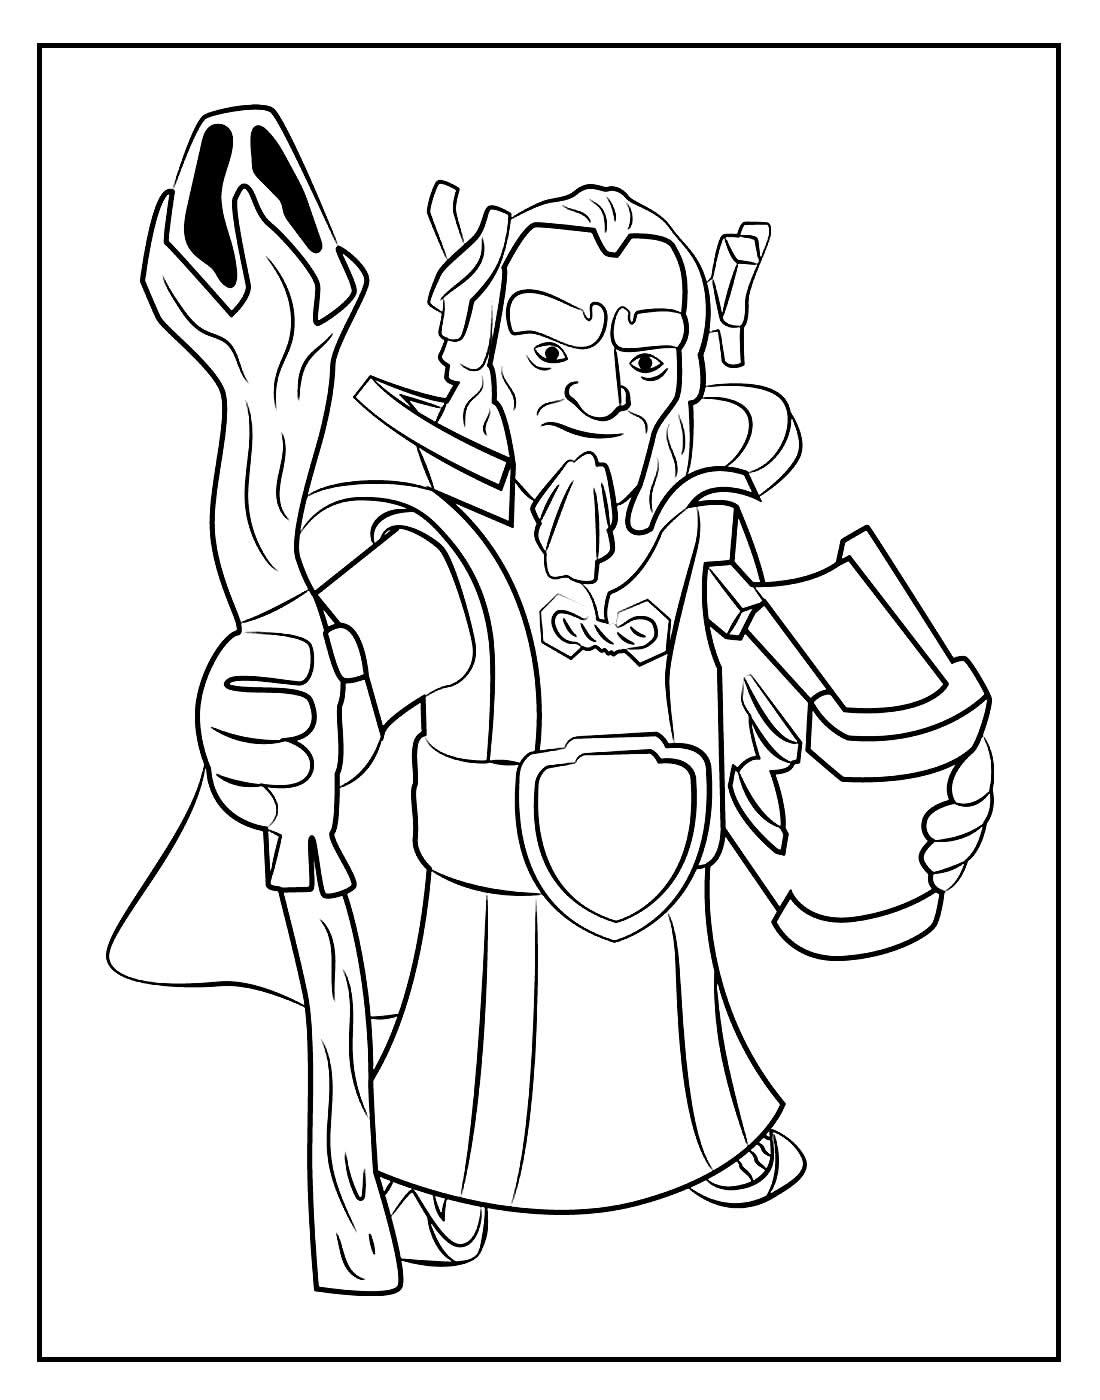 Desenho para colorir do Grande Guardião - Clash of Clans